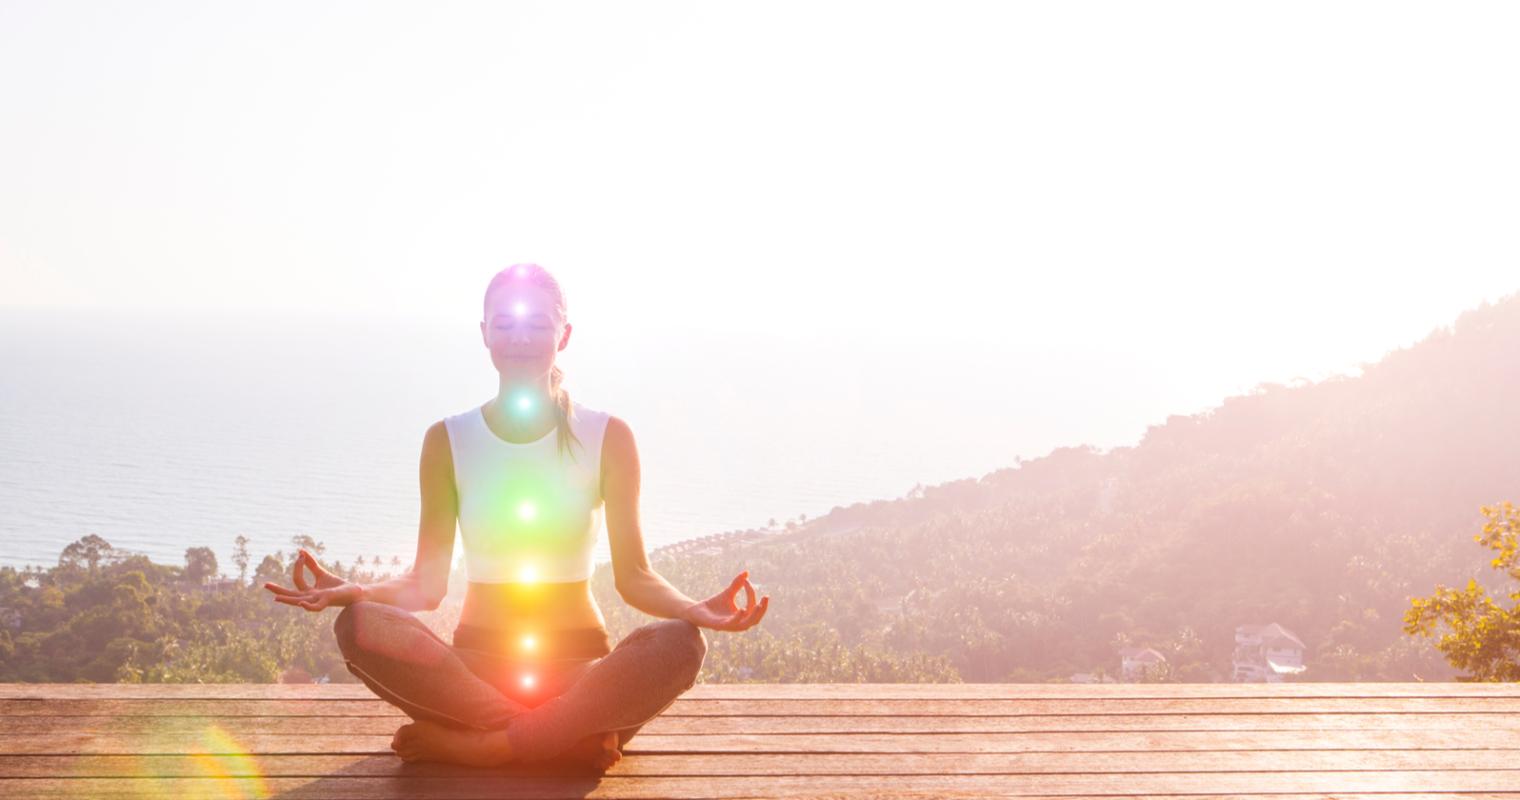 Άγχος Αντιμετώπιση: Φυσικοί τρόποι μείωσης του στρες